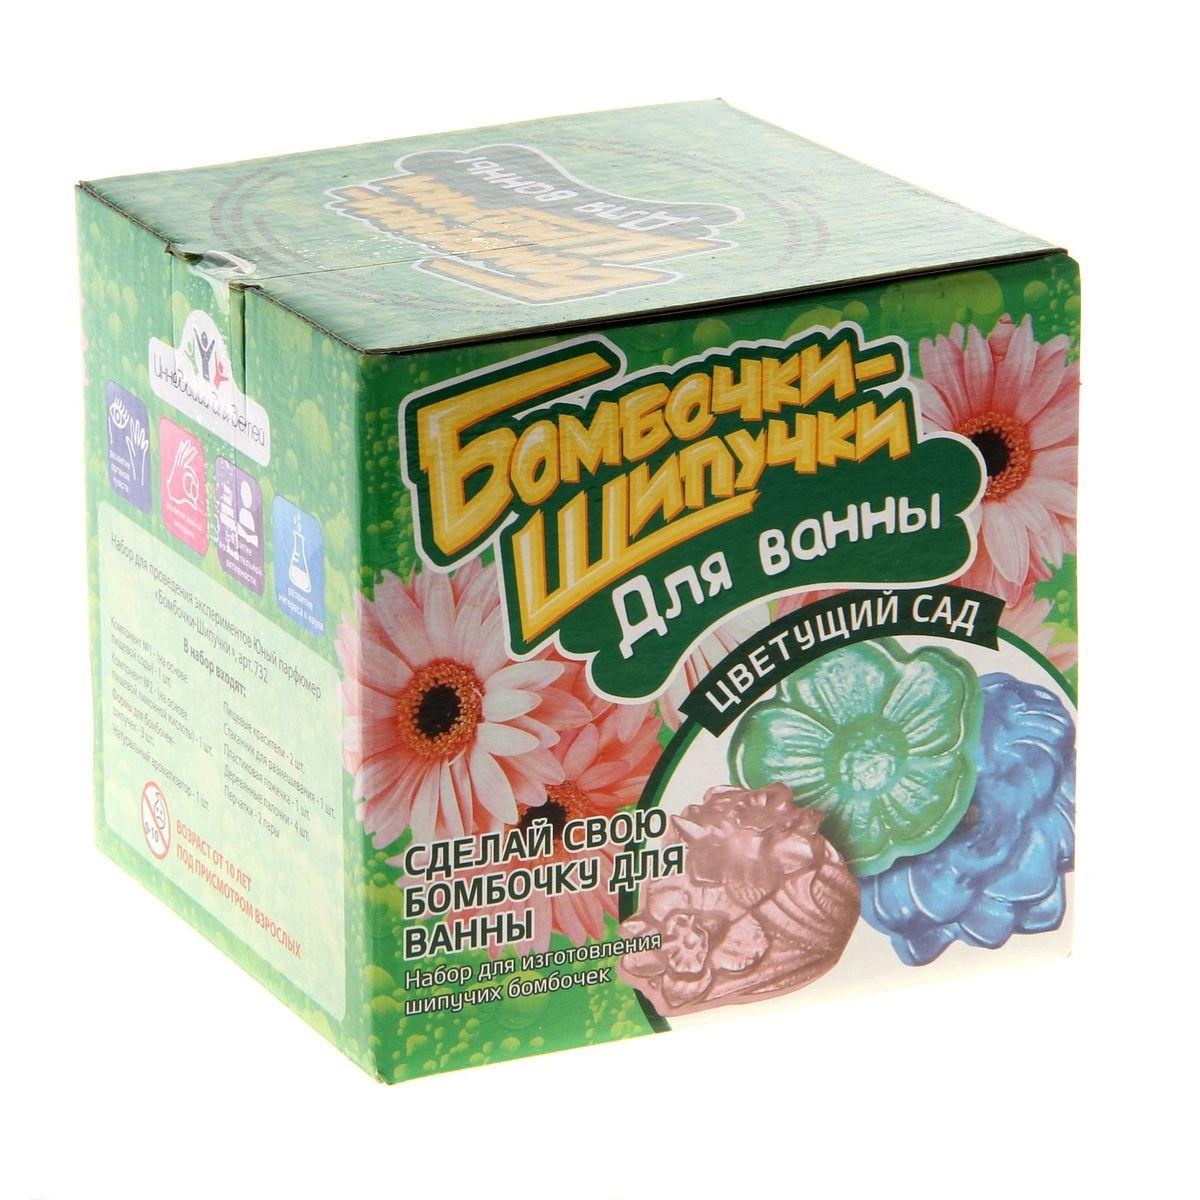 Набор для создания бомбочек для ванны Цветущий сад. 10759071075907